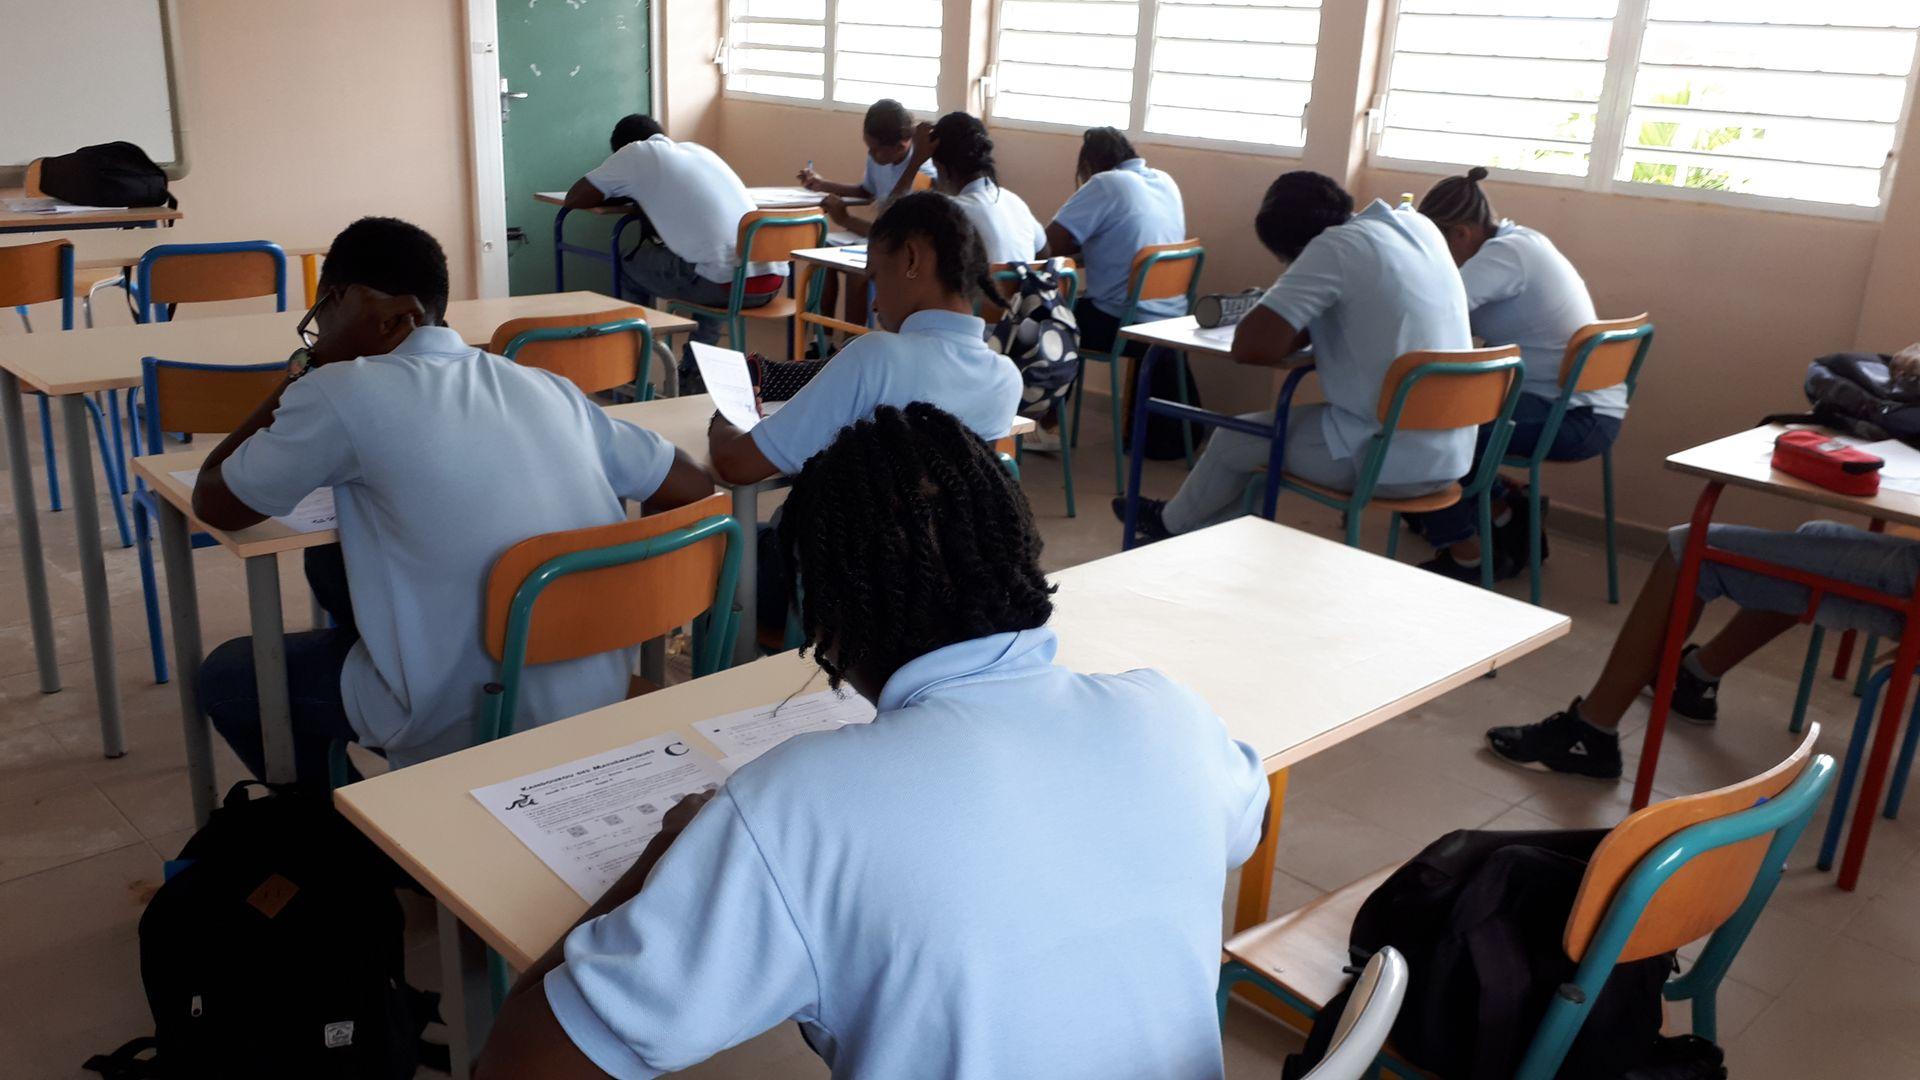 Personnes dans une salle de classe